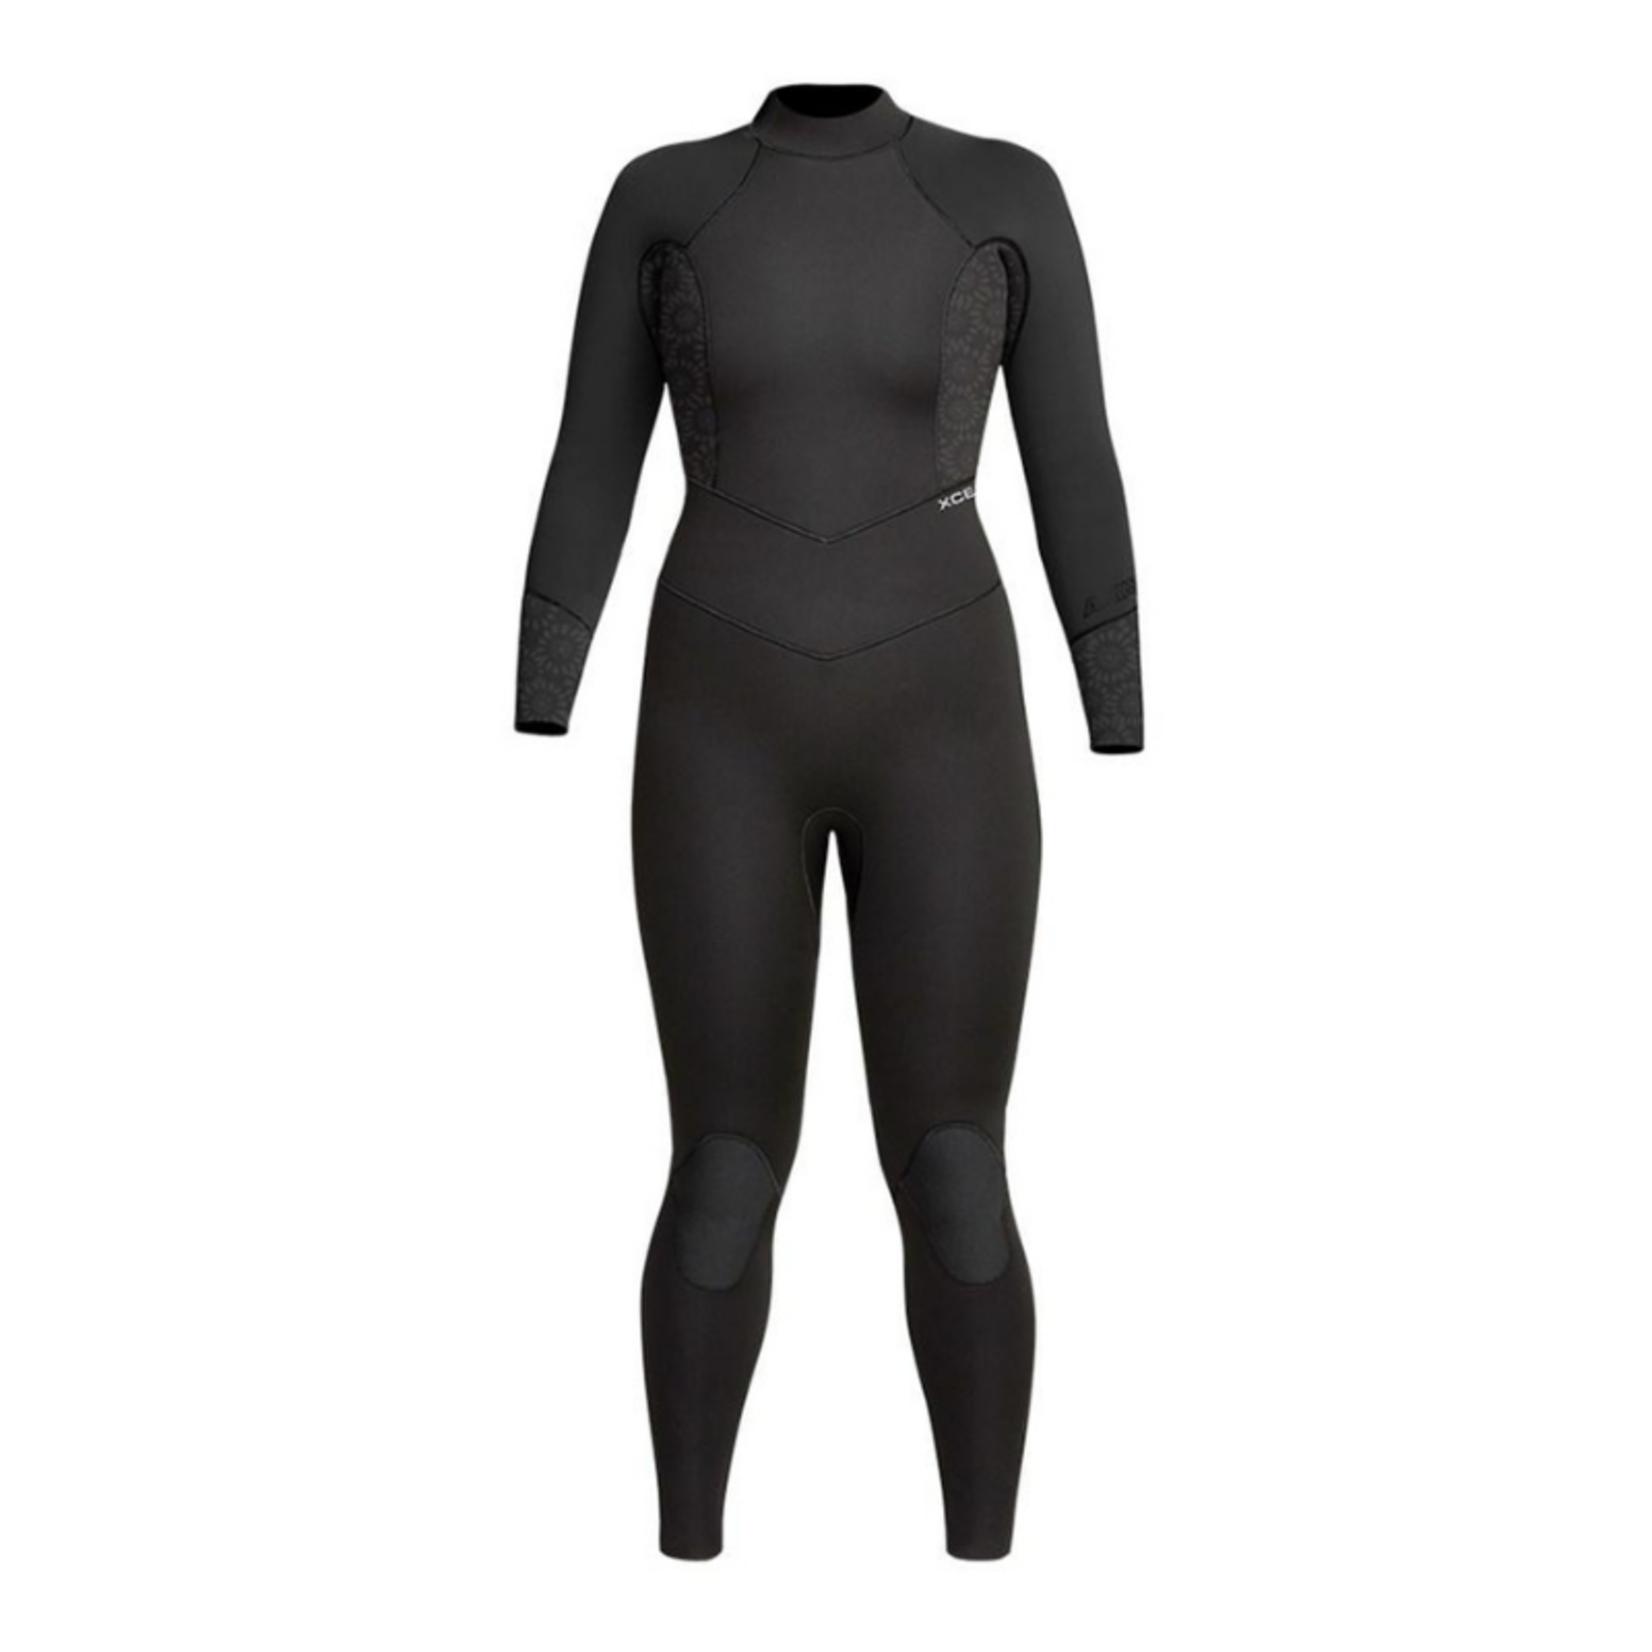 XCEL XCEL Women's Axis 4/3mm Back Zip Wetsuit.